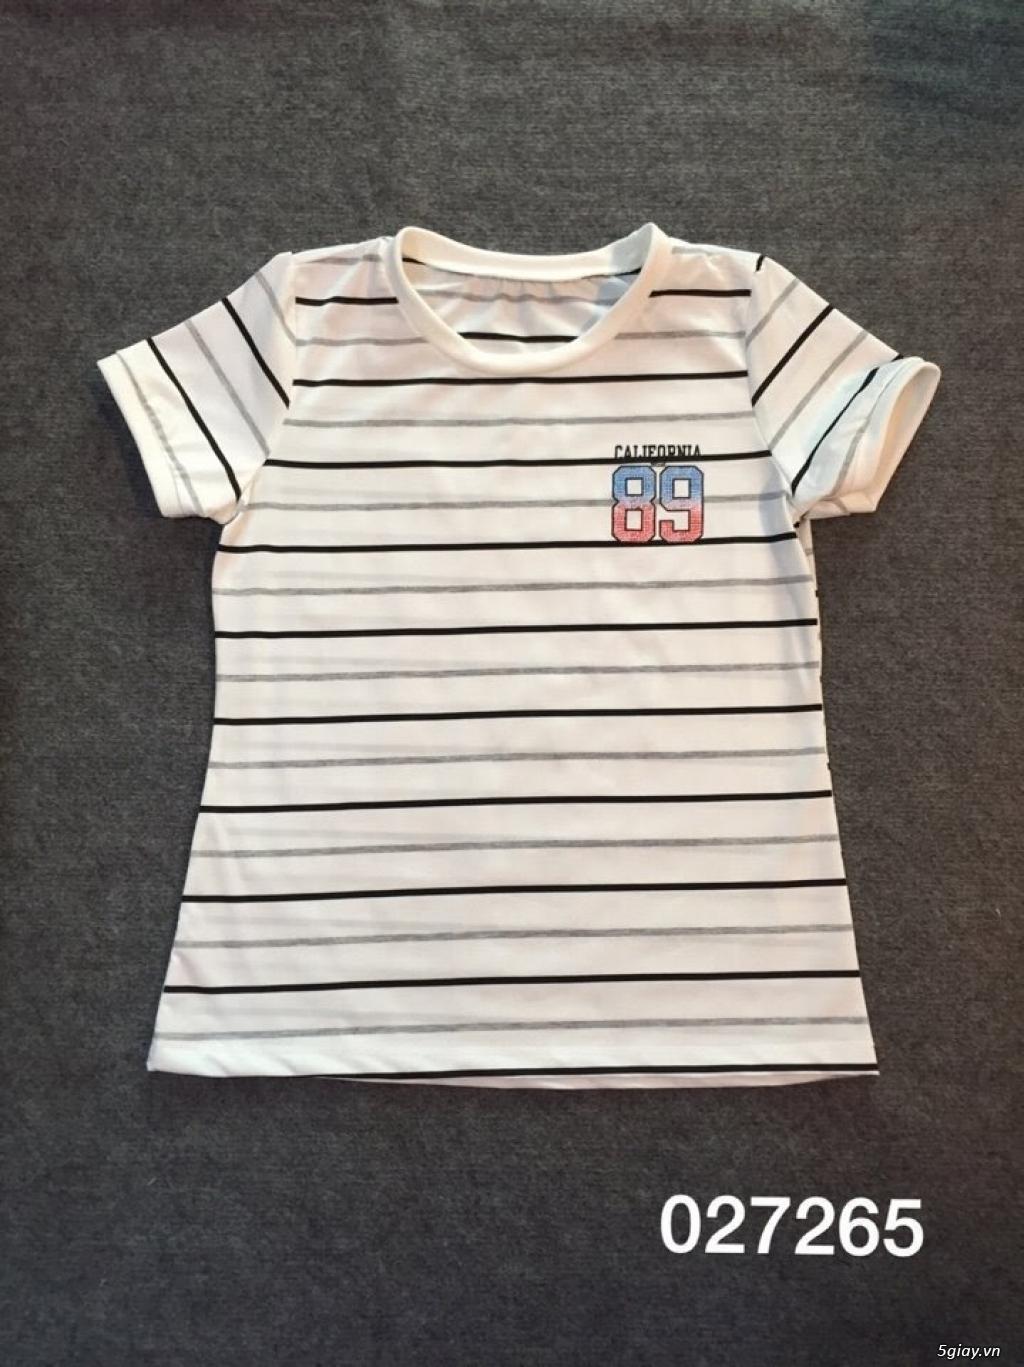 Bỏ sỉ áo thun mẹ & bé 10k - 15k - 20k giá rẻ, chất lượng tốt nhất  !!! - 30